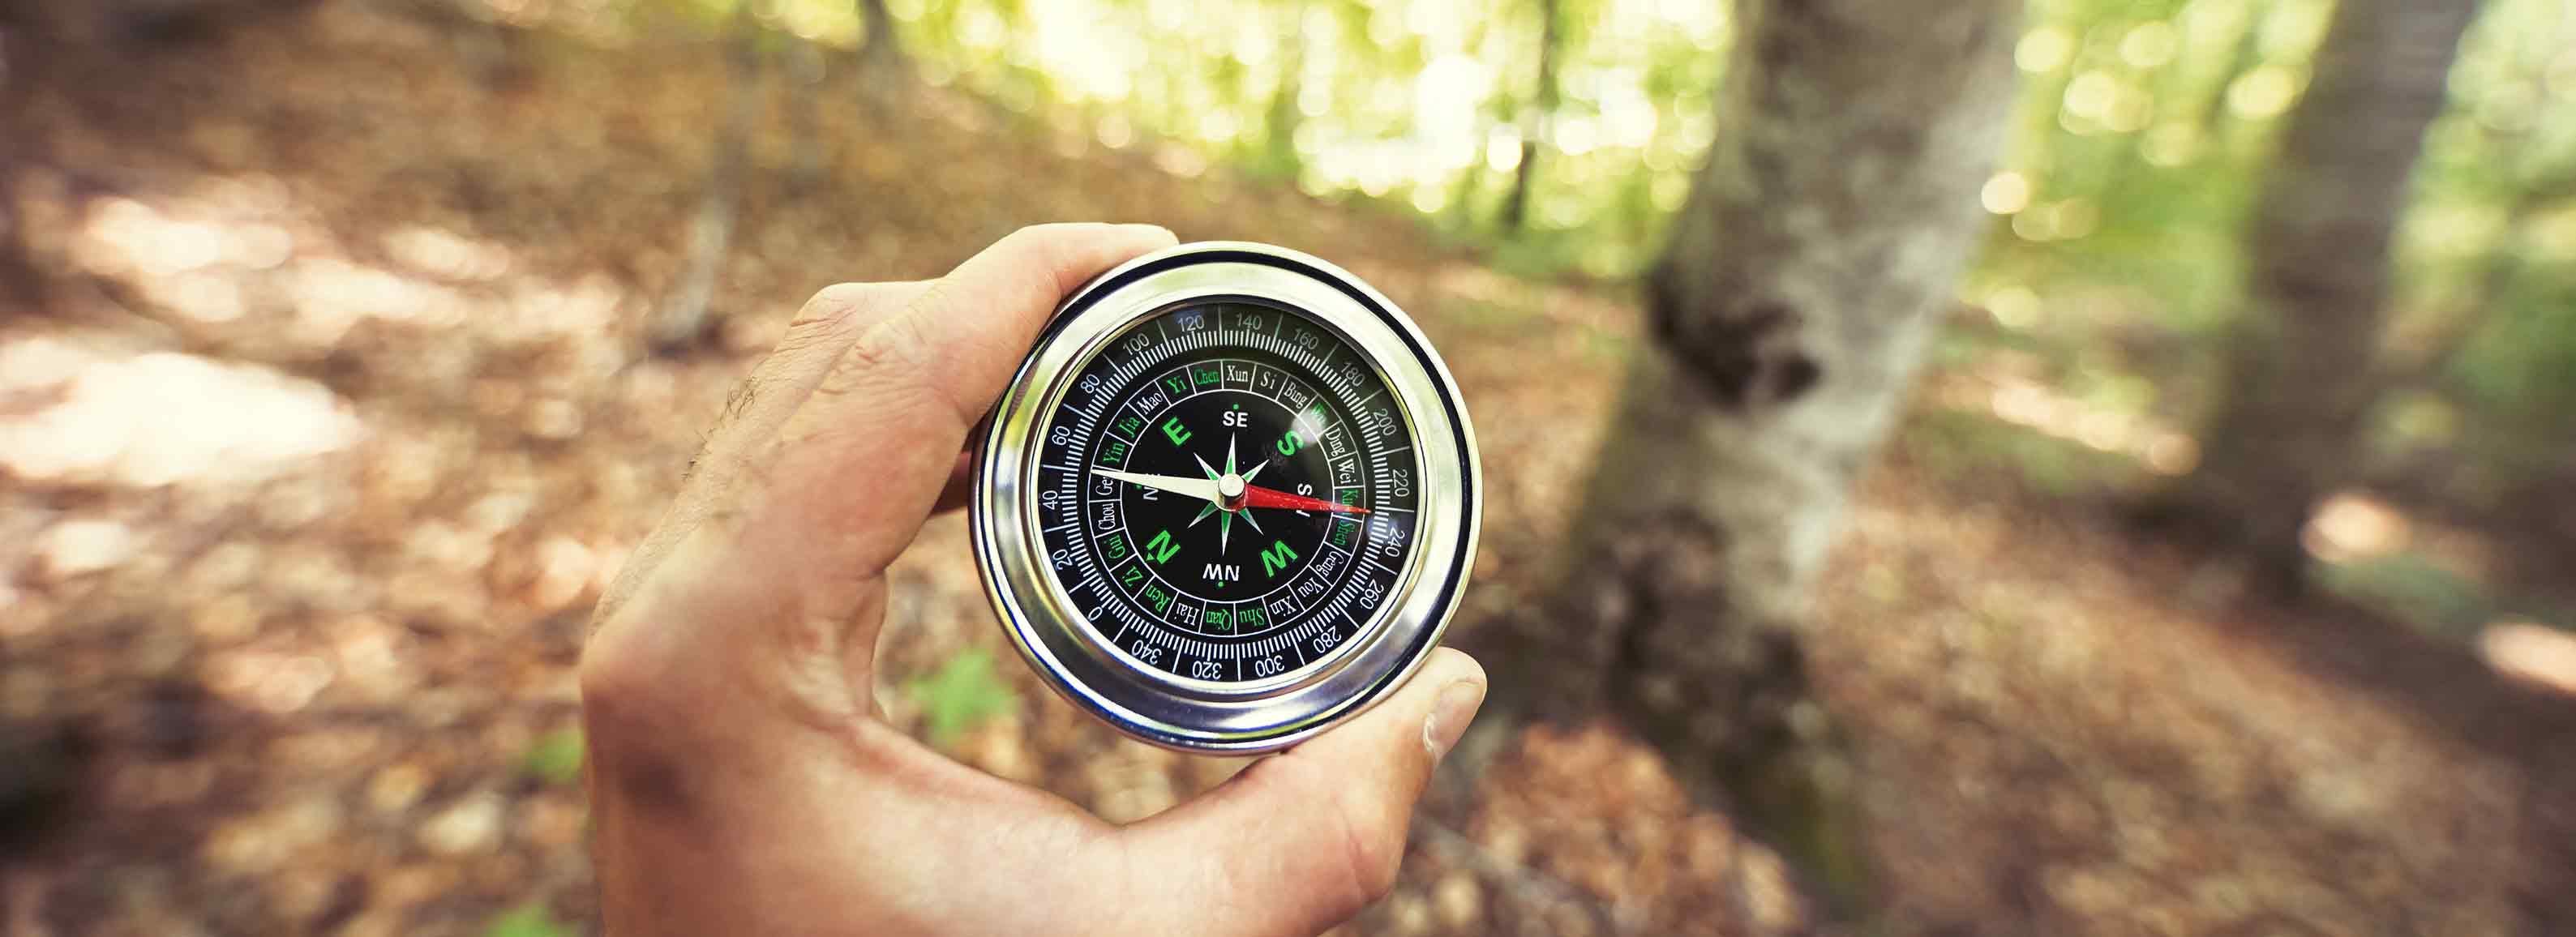 Kompass in der WHand im Wald